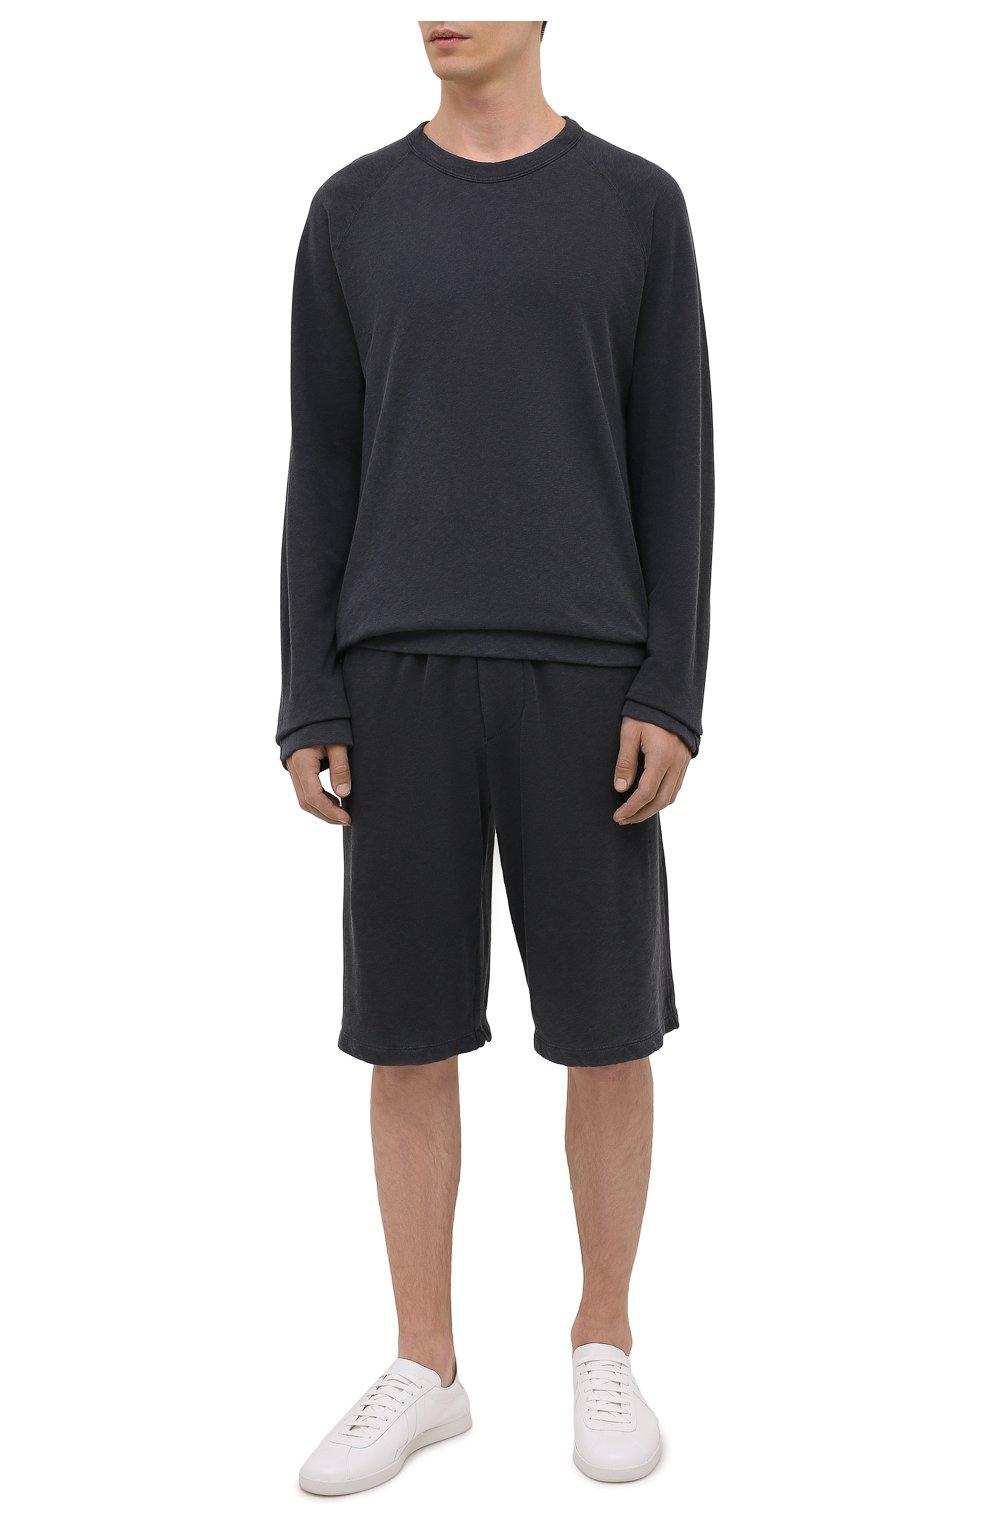 Мужские хлопковые шорты JAMES PERSE темно-серого цвета, арт. MXA4118 | Фото 2 (Принт: Без принта; Длина Шорты М: Ниже колена; Кросс-КТ: Трикотаж; Материал внешний: Хлопок; Стили: Спорт-шик)